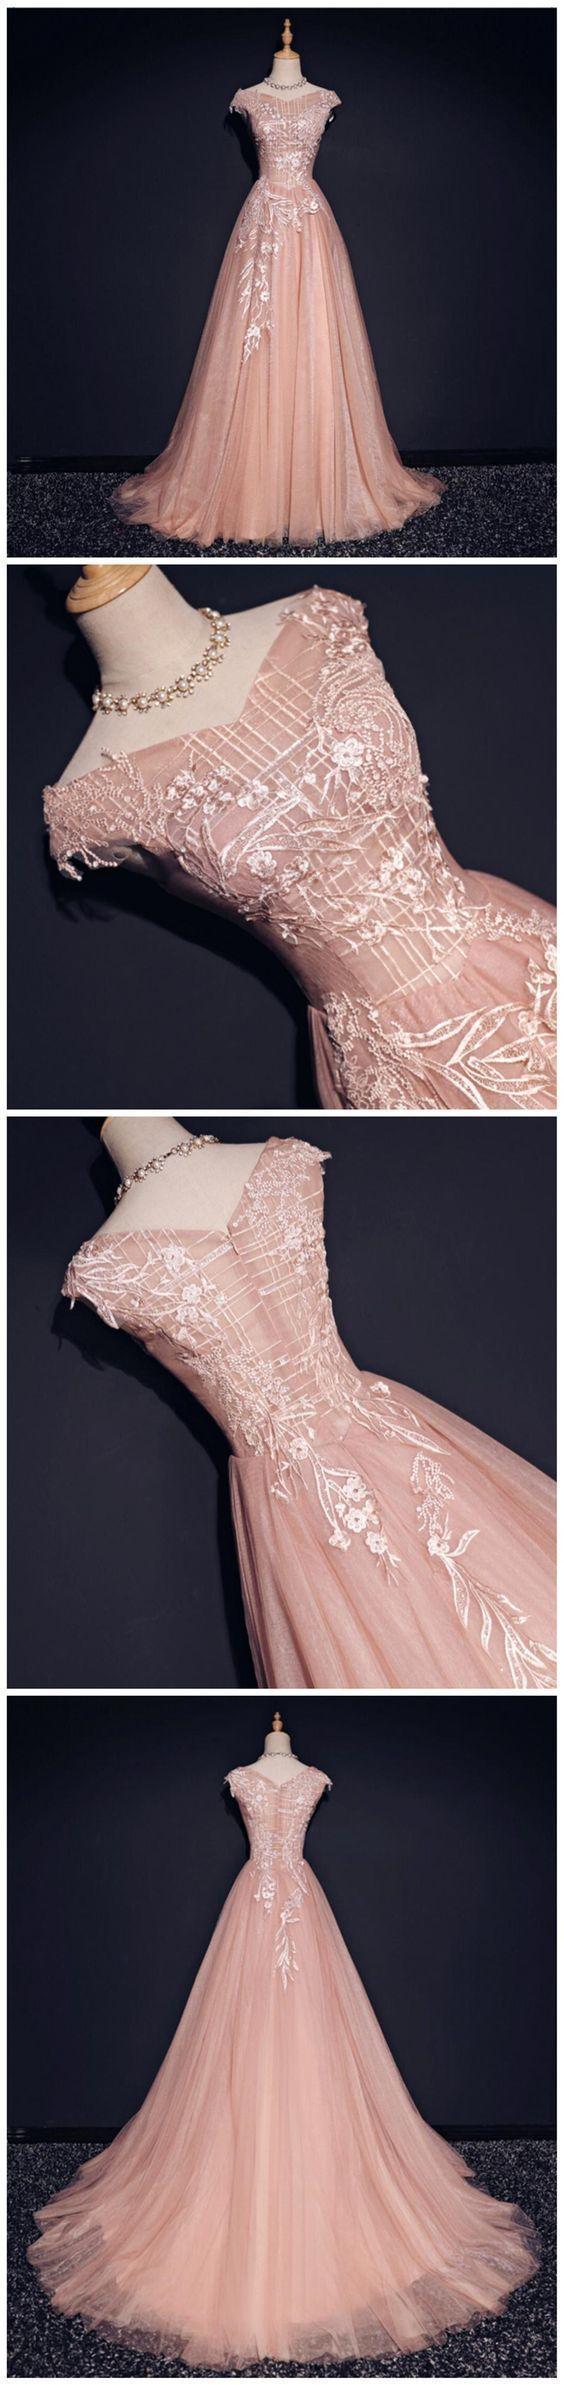 Blush Pink Off Shoulder V Neckline Lace Long Evening Prom Dresses, Popular 2019 Party Prom Dresses, Custom Long Prom Dresses